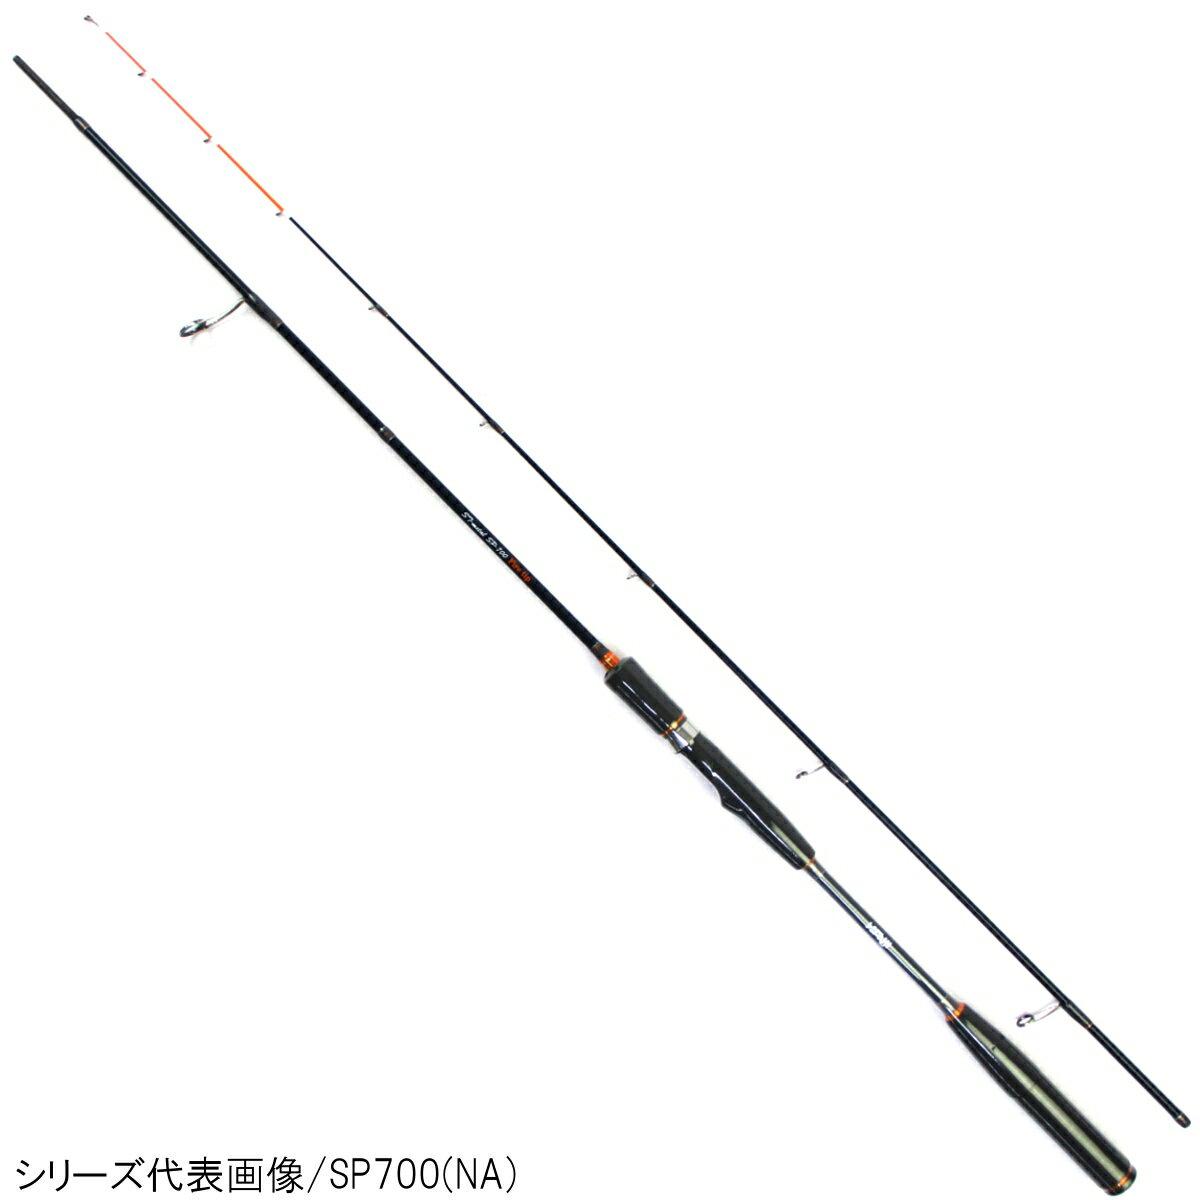 カンジインターナショナル クリックス ST-metal SP705 Fire tip (NA)【送料無料】